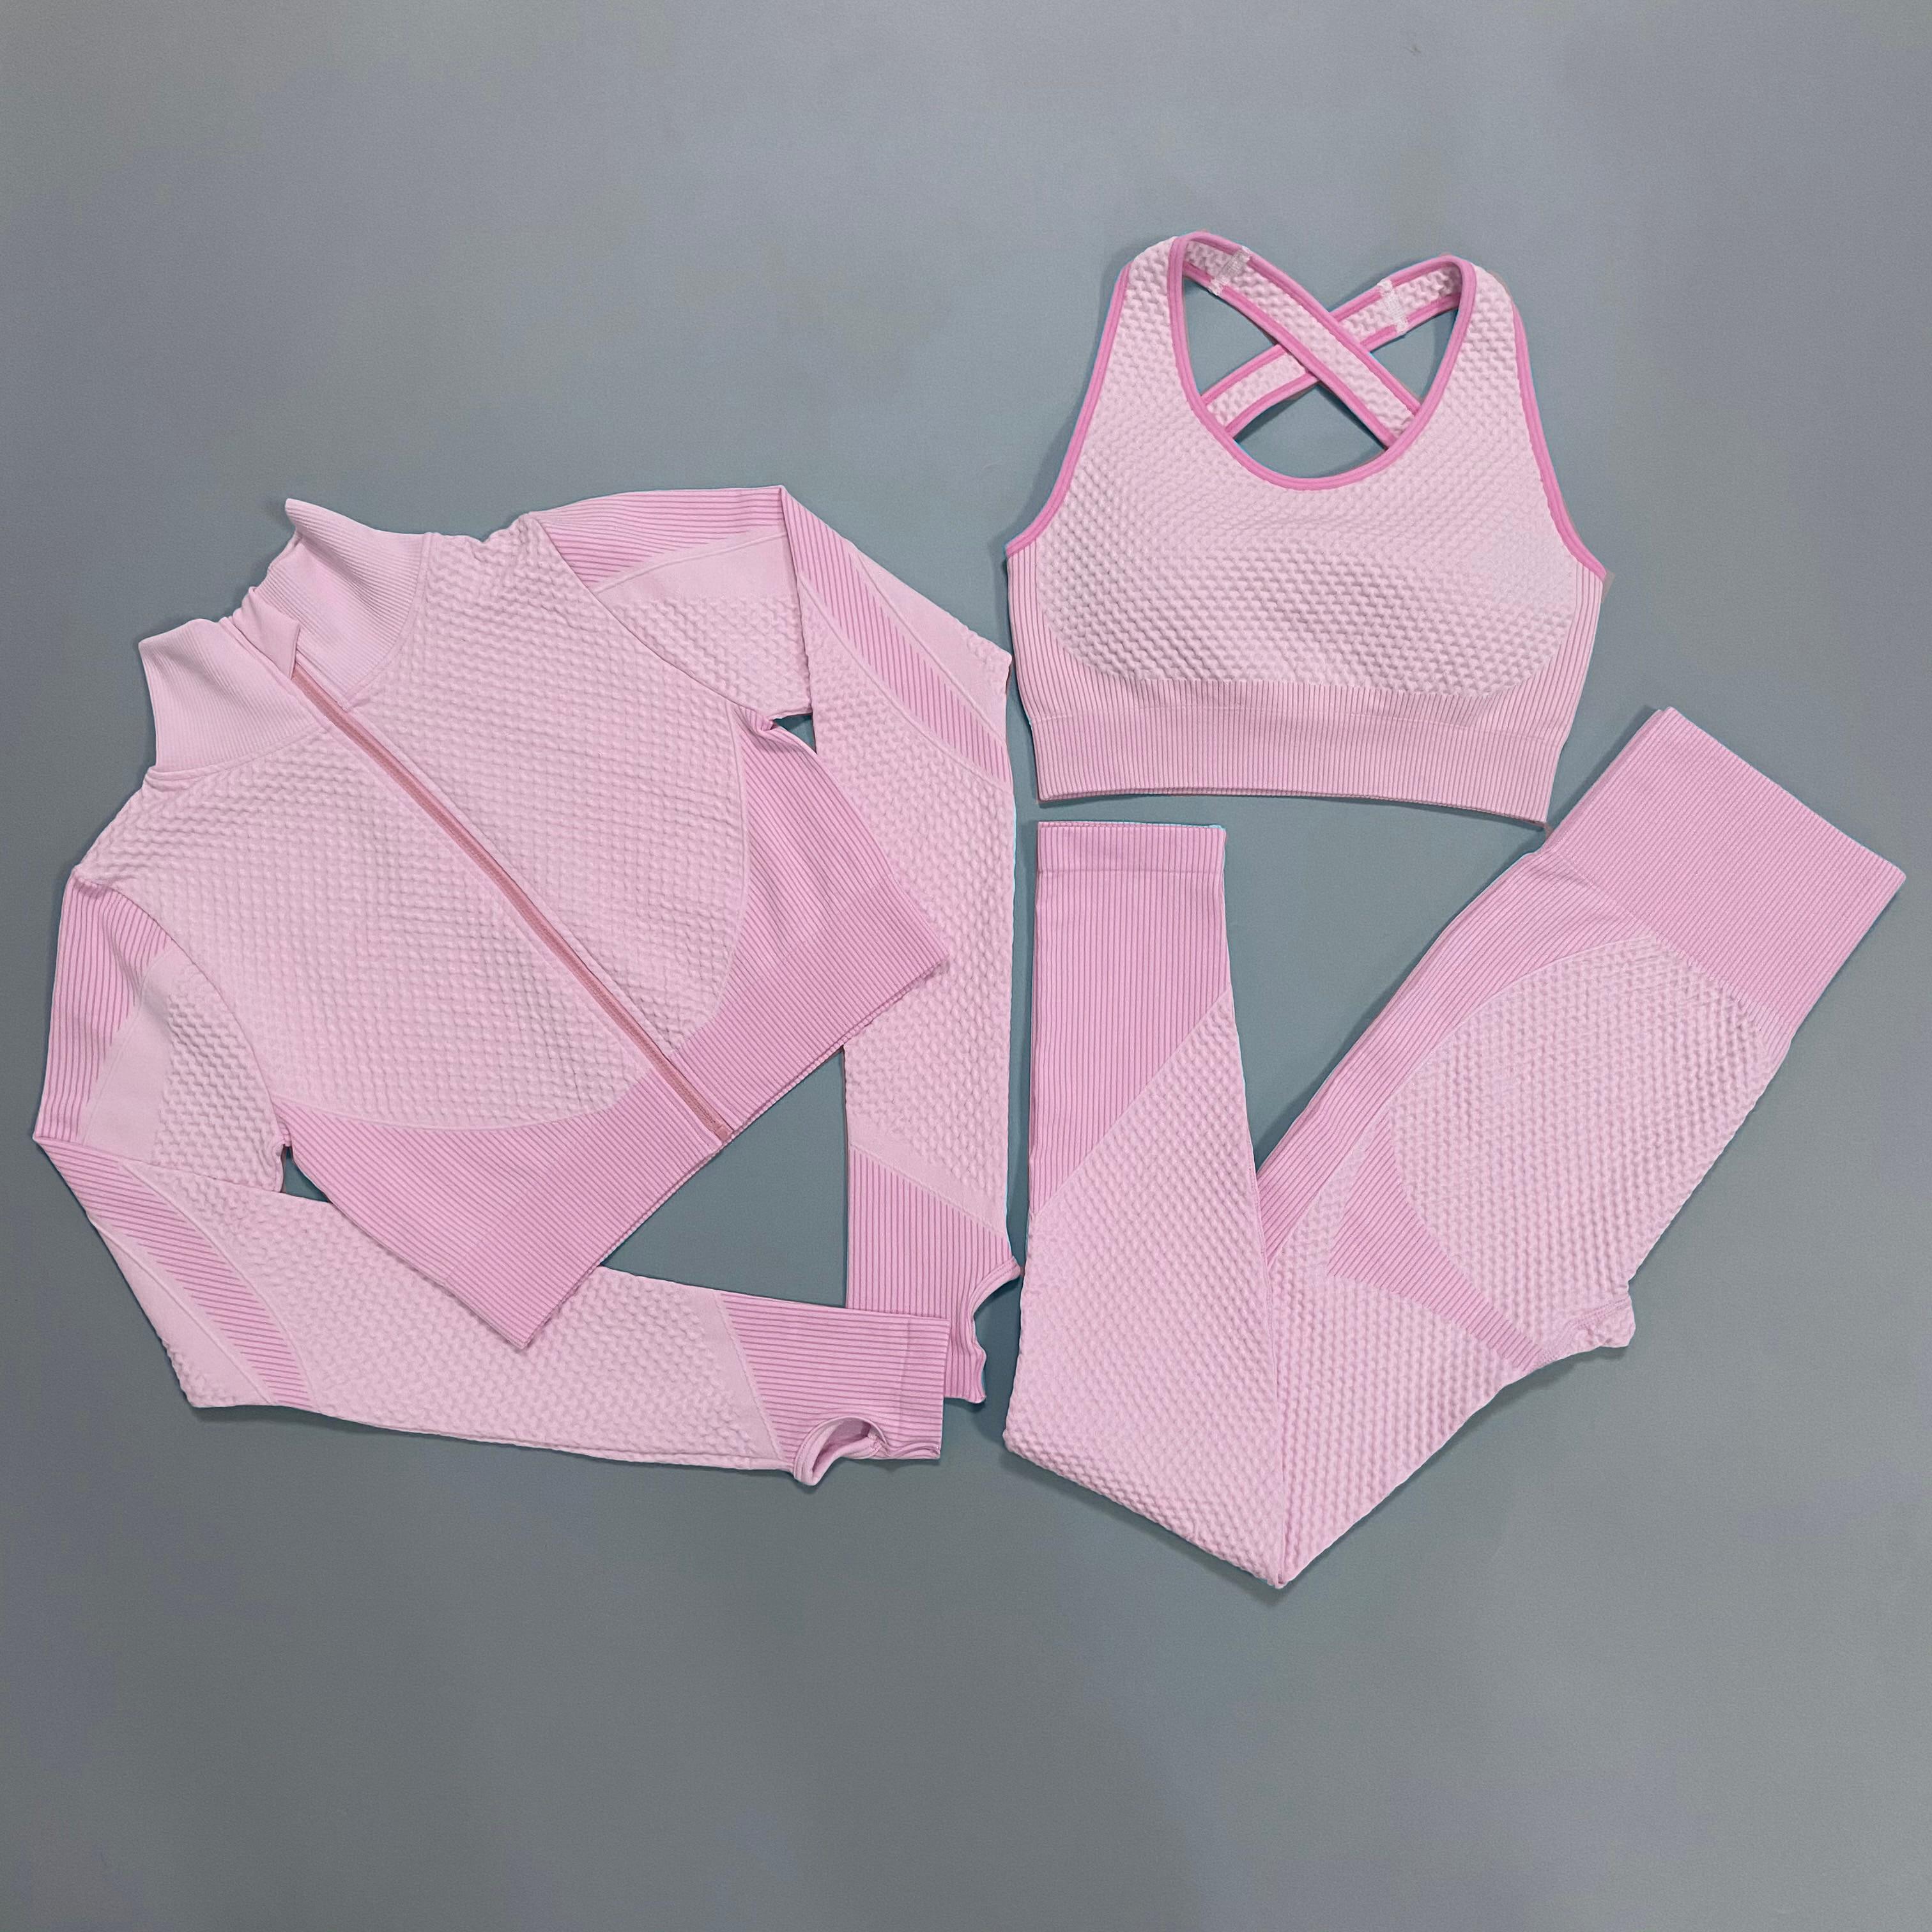 Бесшовный комплект для йоги, одежда для тренировок в тренажерном зале, одежда для фитнеса для женщин, леггинсы, спортивный костюм, спортивны...